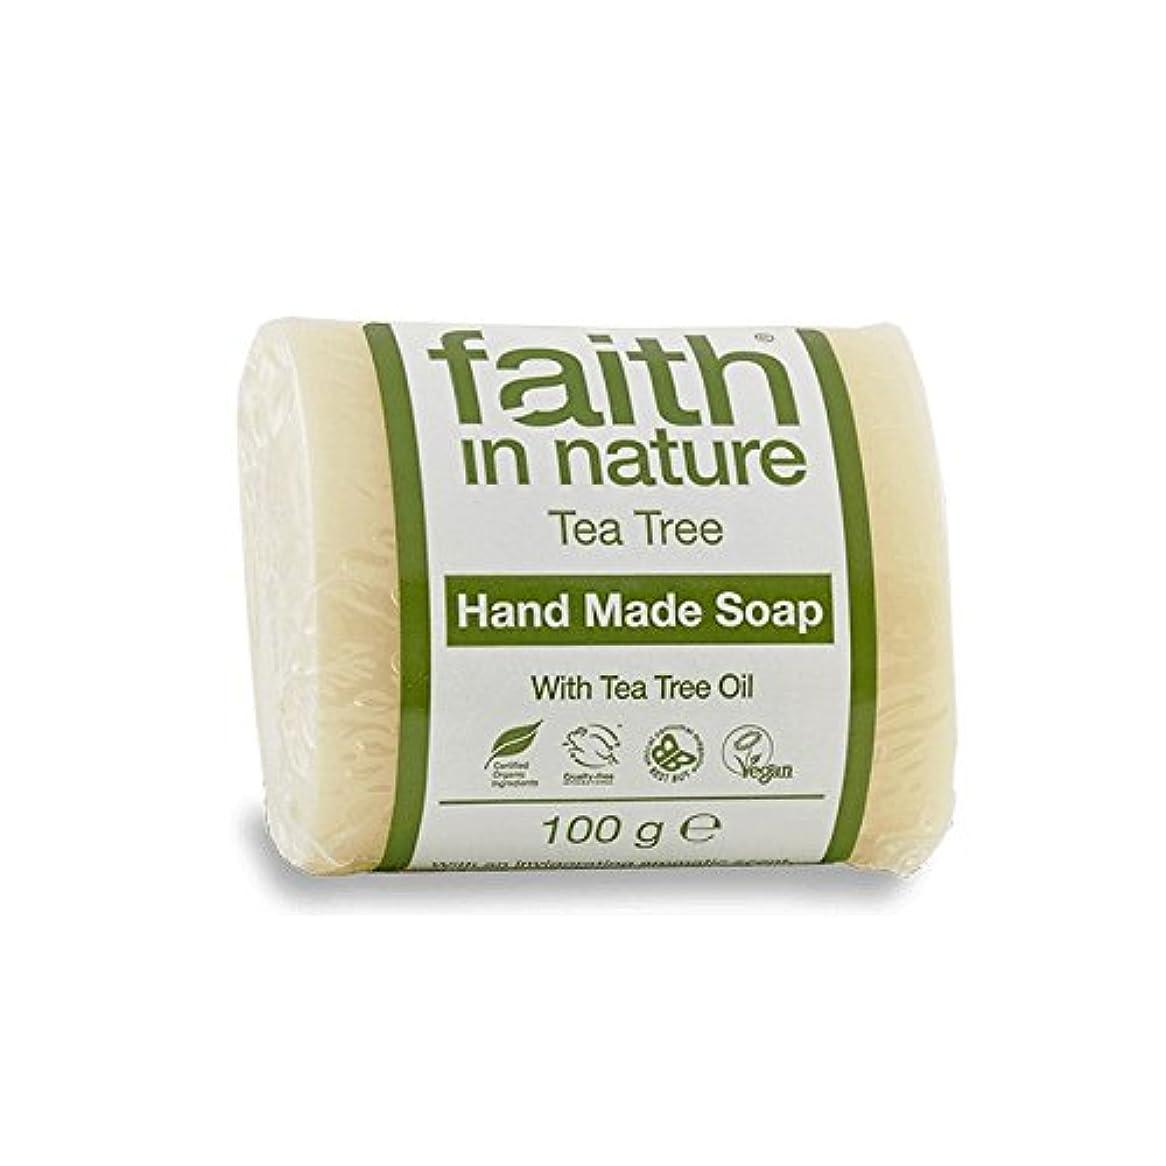 遊びます意識的構造的自然のティーツリーソープ100グラムの信仰 - Faith in Nature Tea Tree Soap 100g (Faith in Nature) [並行輸入品]